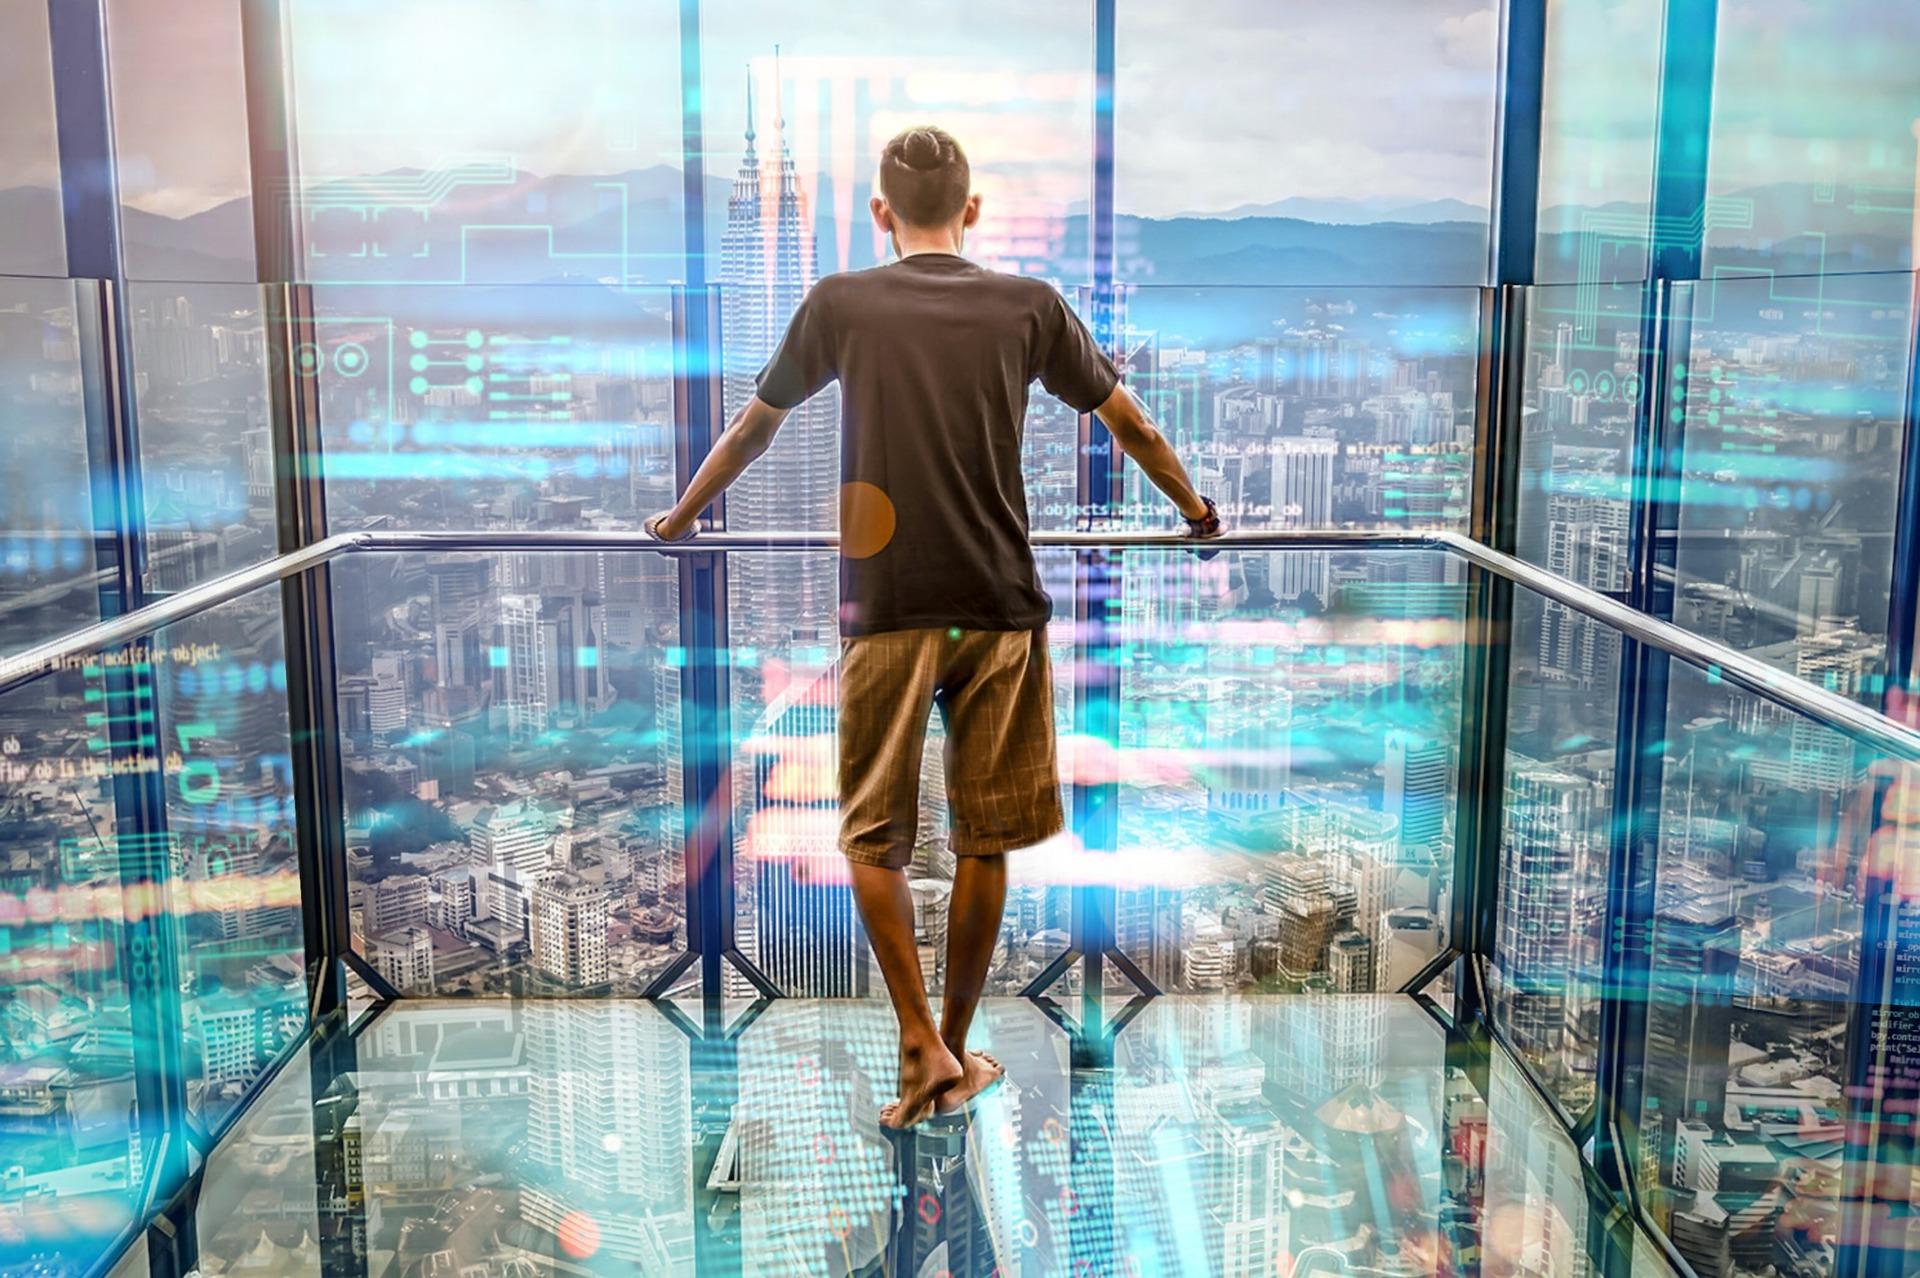 景色の見えるエレベーターに乗る男性の画像